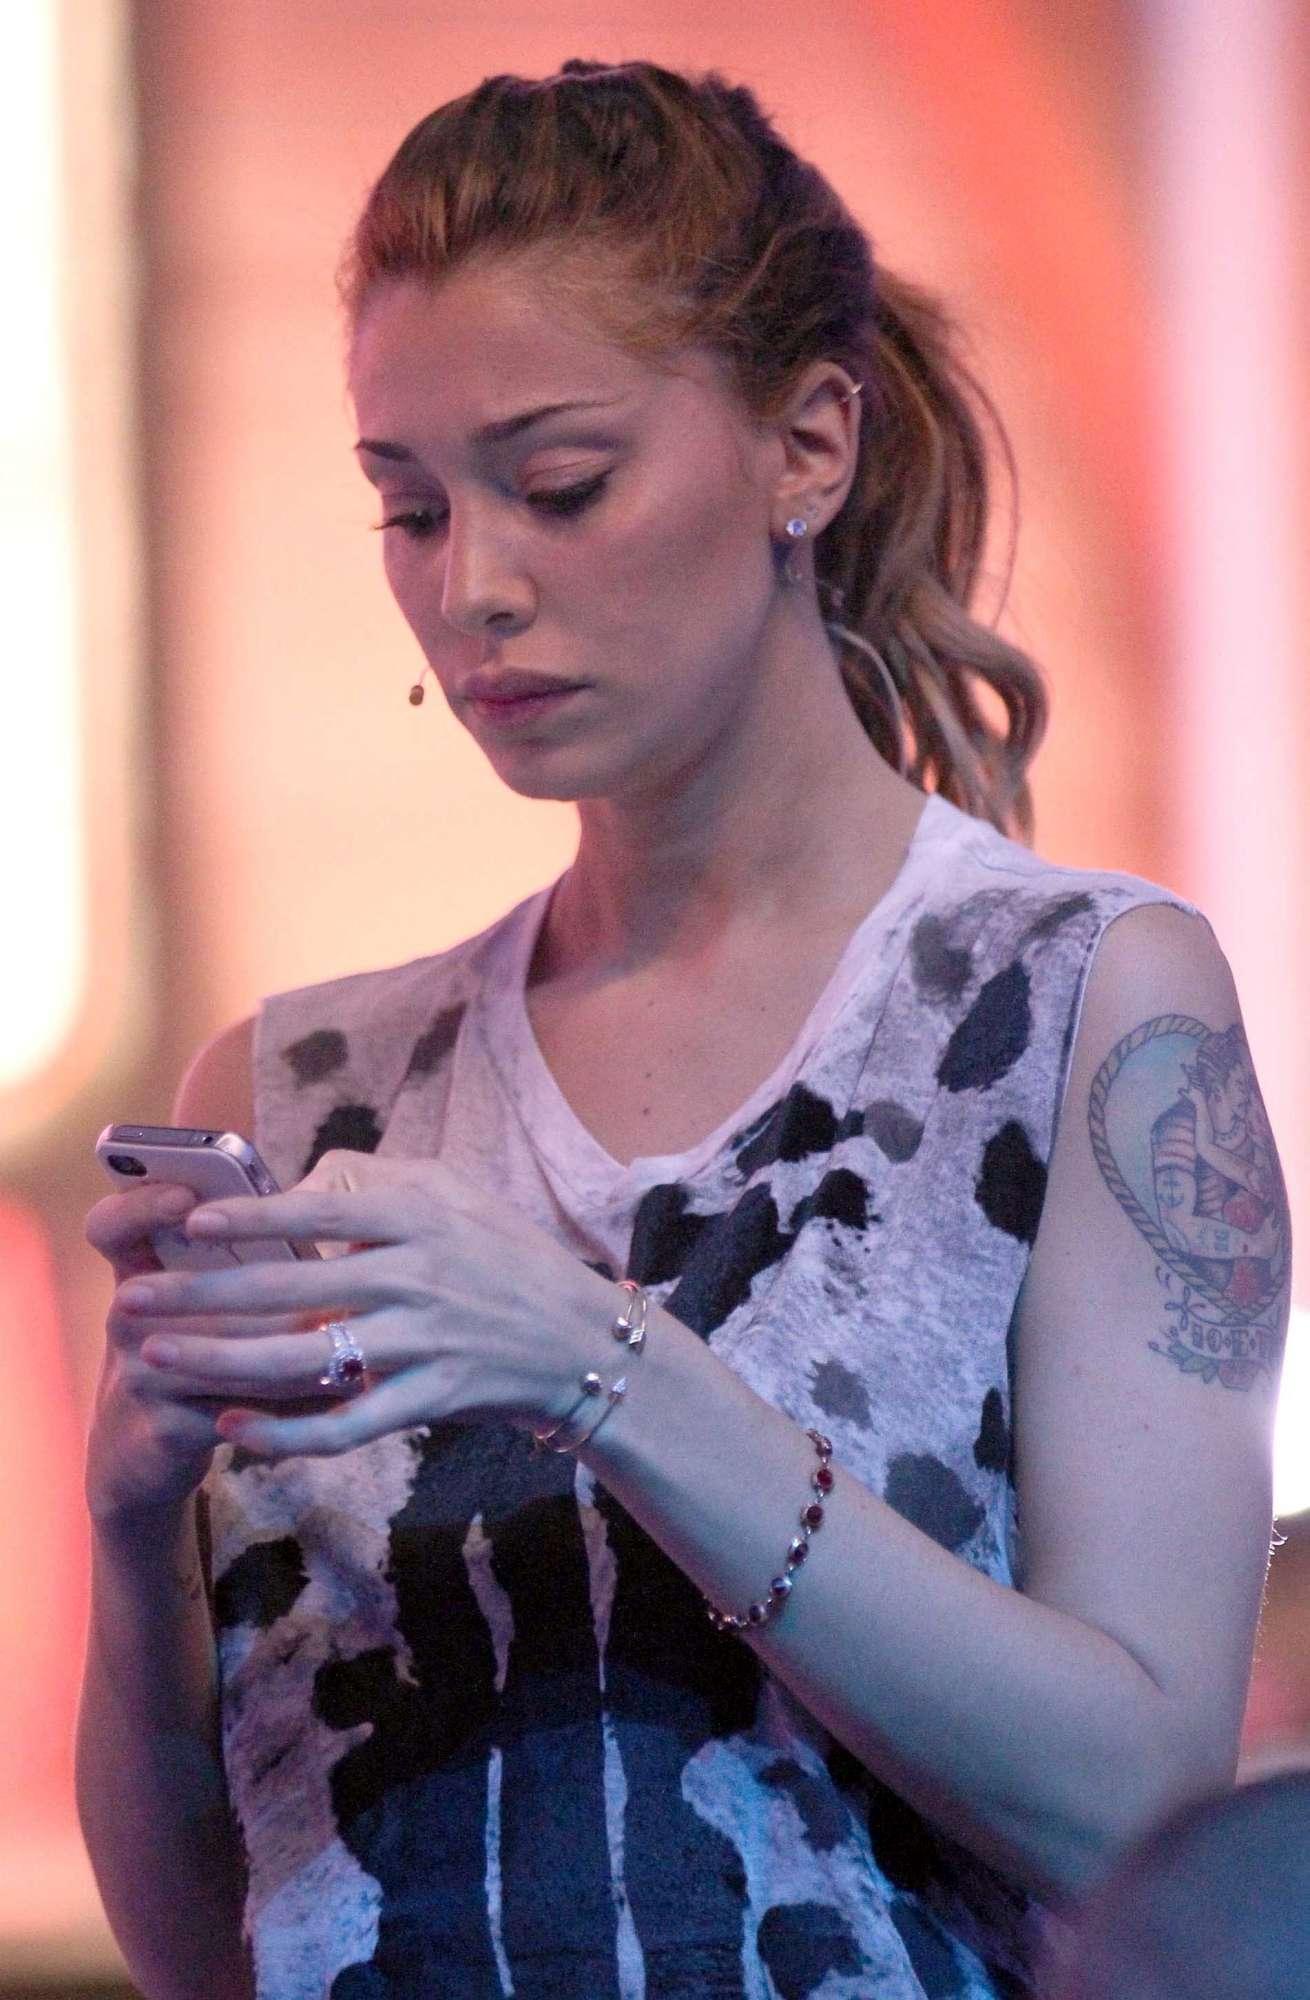 ultimo sconto top design comprare popolare Belen rispolvera gli ex: canta Emma e sfoggia l'anello (di ...